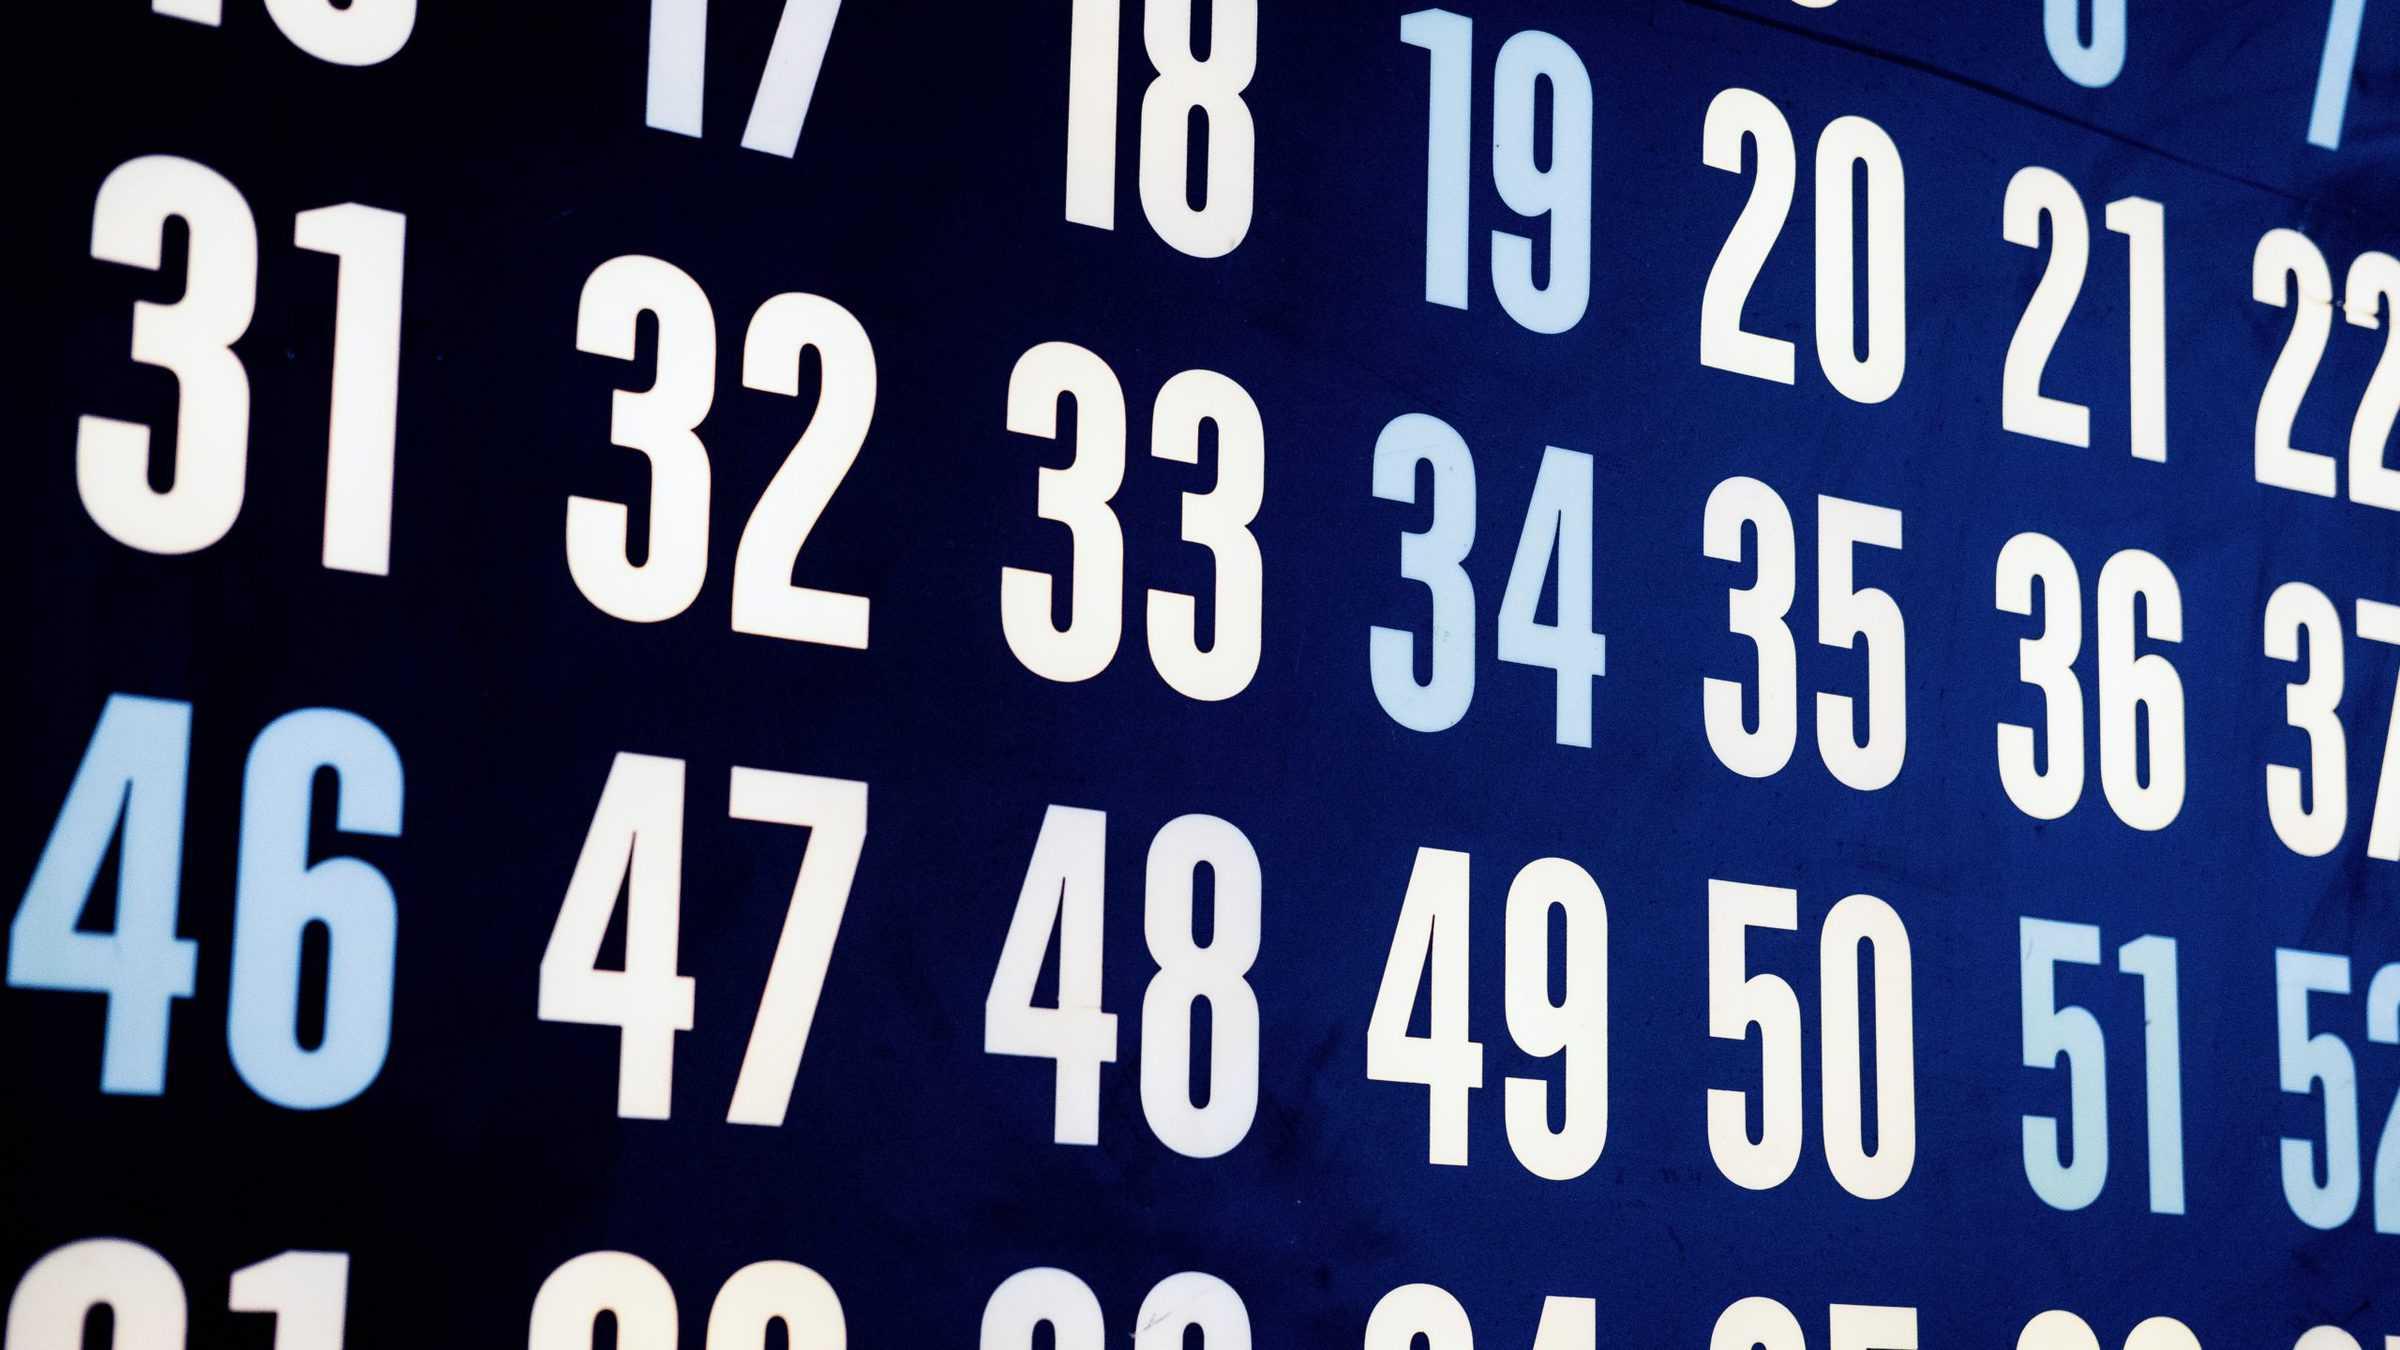 Bingo - getallen - teambuilding - online event - games - connecten - virtual event